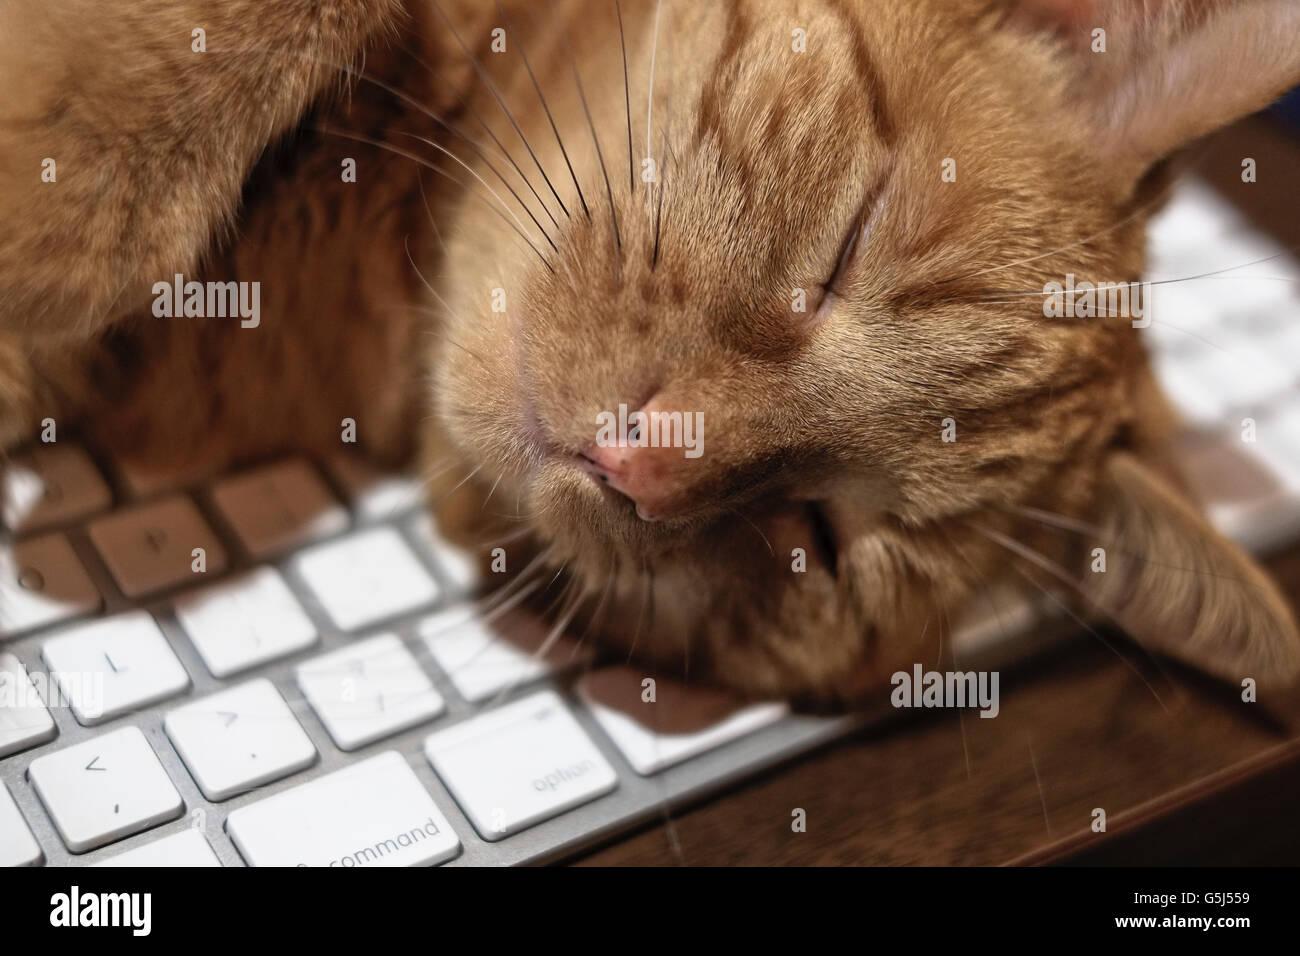 Gato atigrado naranja dormida en el teclado del ordenador Imagen De Stock